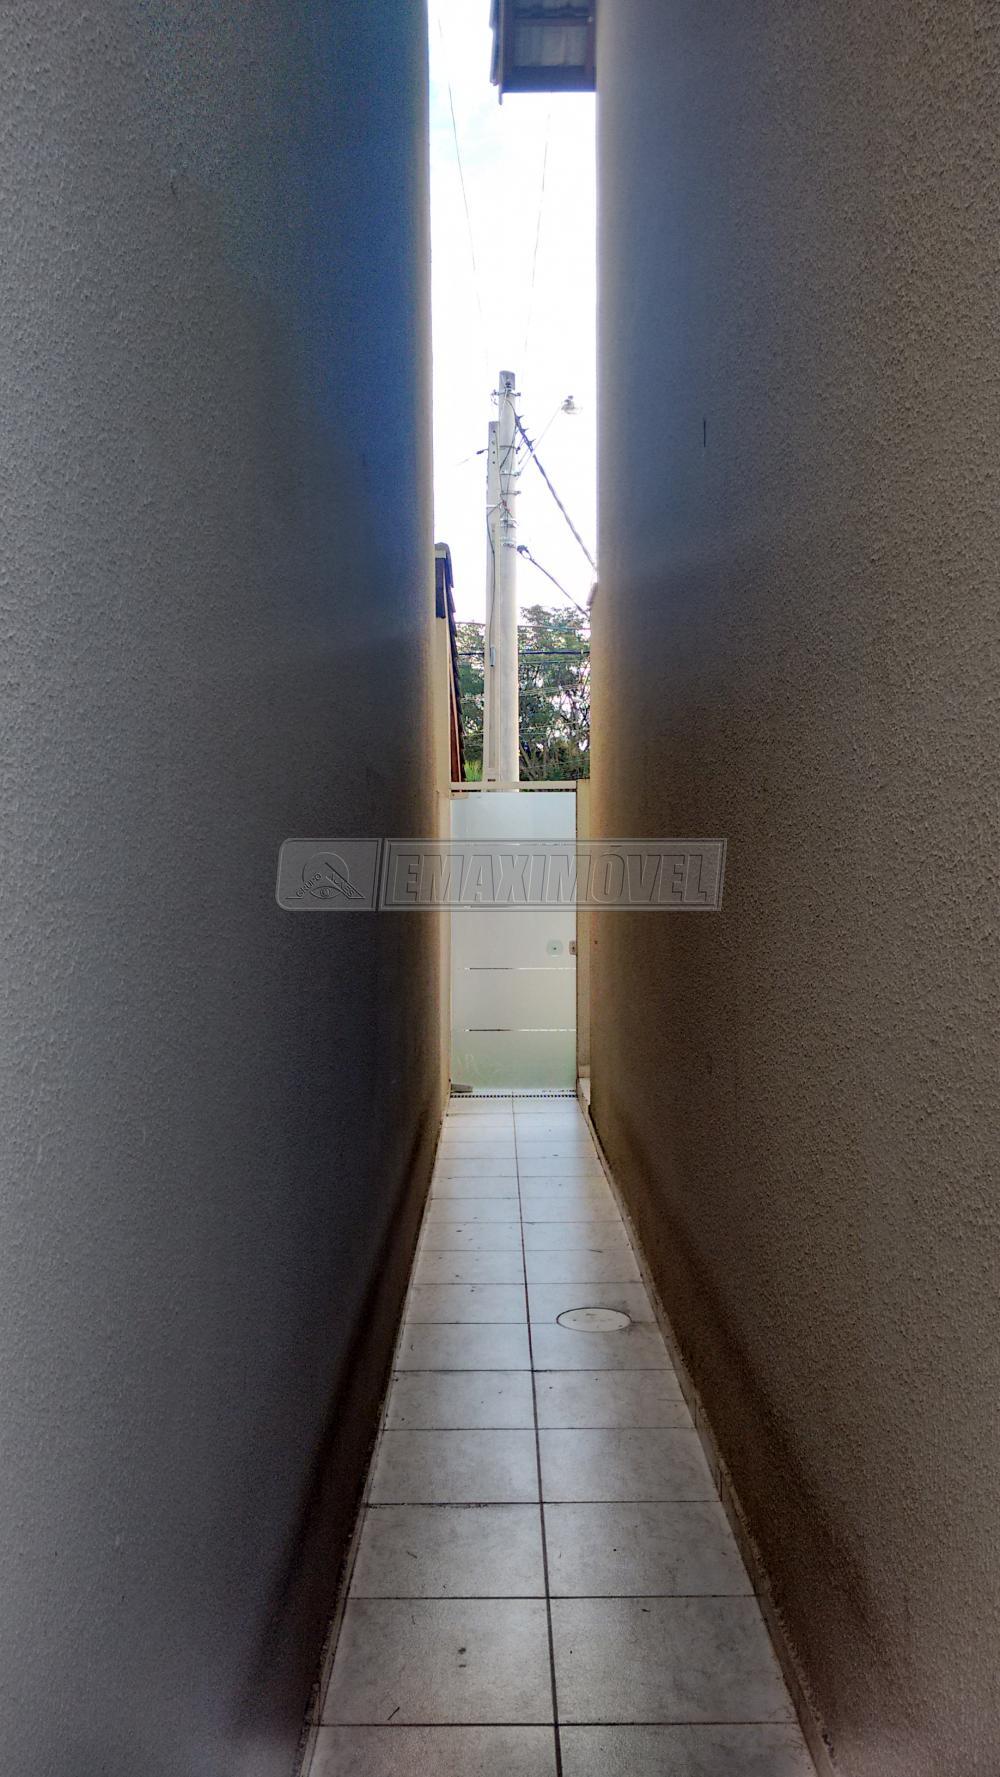 Comprar Casas / em Condomínios em Sorocaba apenas R$ 420.000,00 - Foto 14